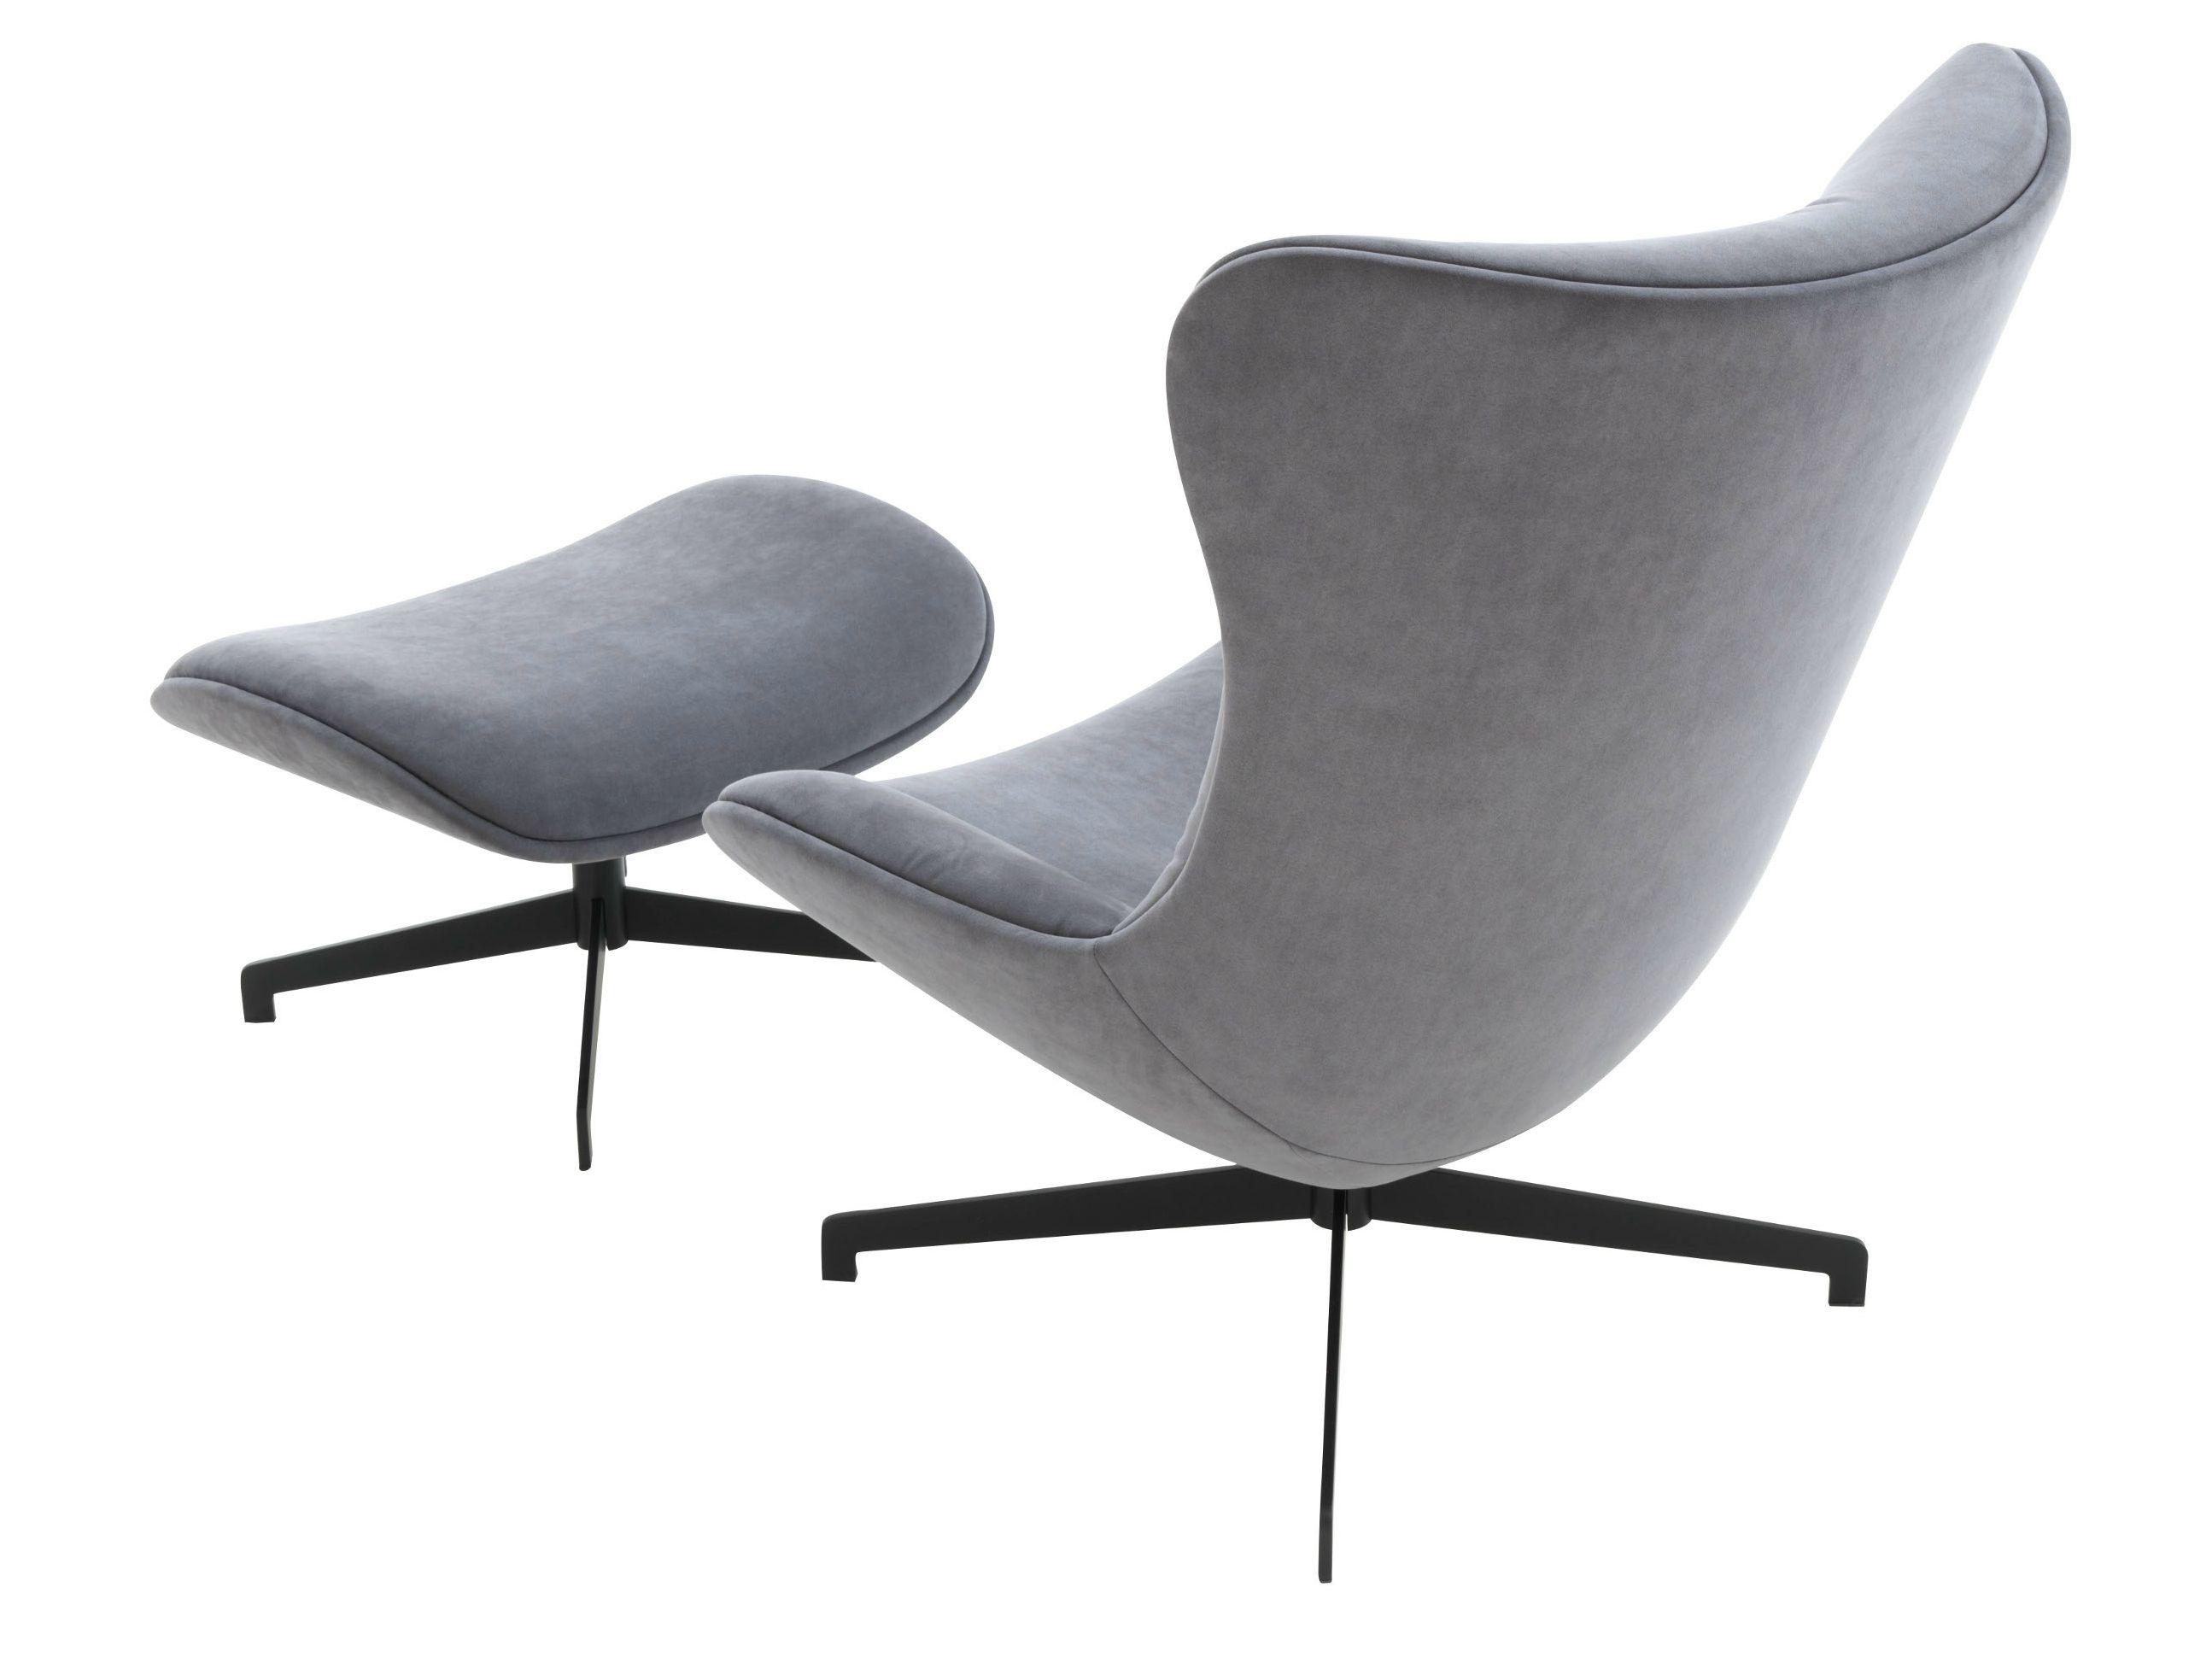 fauteuil pivotant rembourr amy by ligne roset. Black Bedroom Furniture Sets. Home Design Ideas